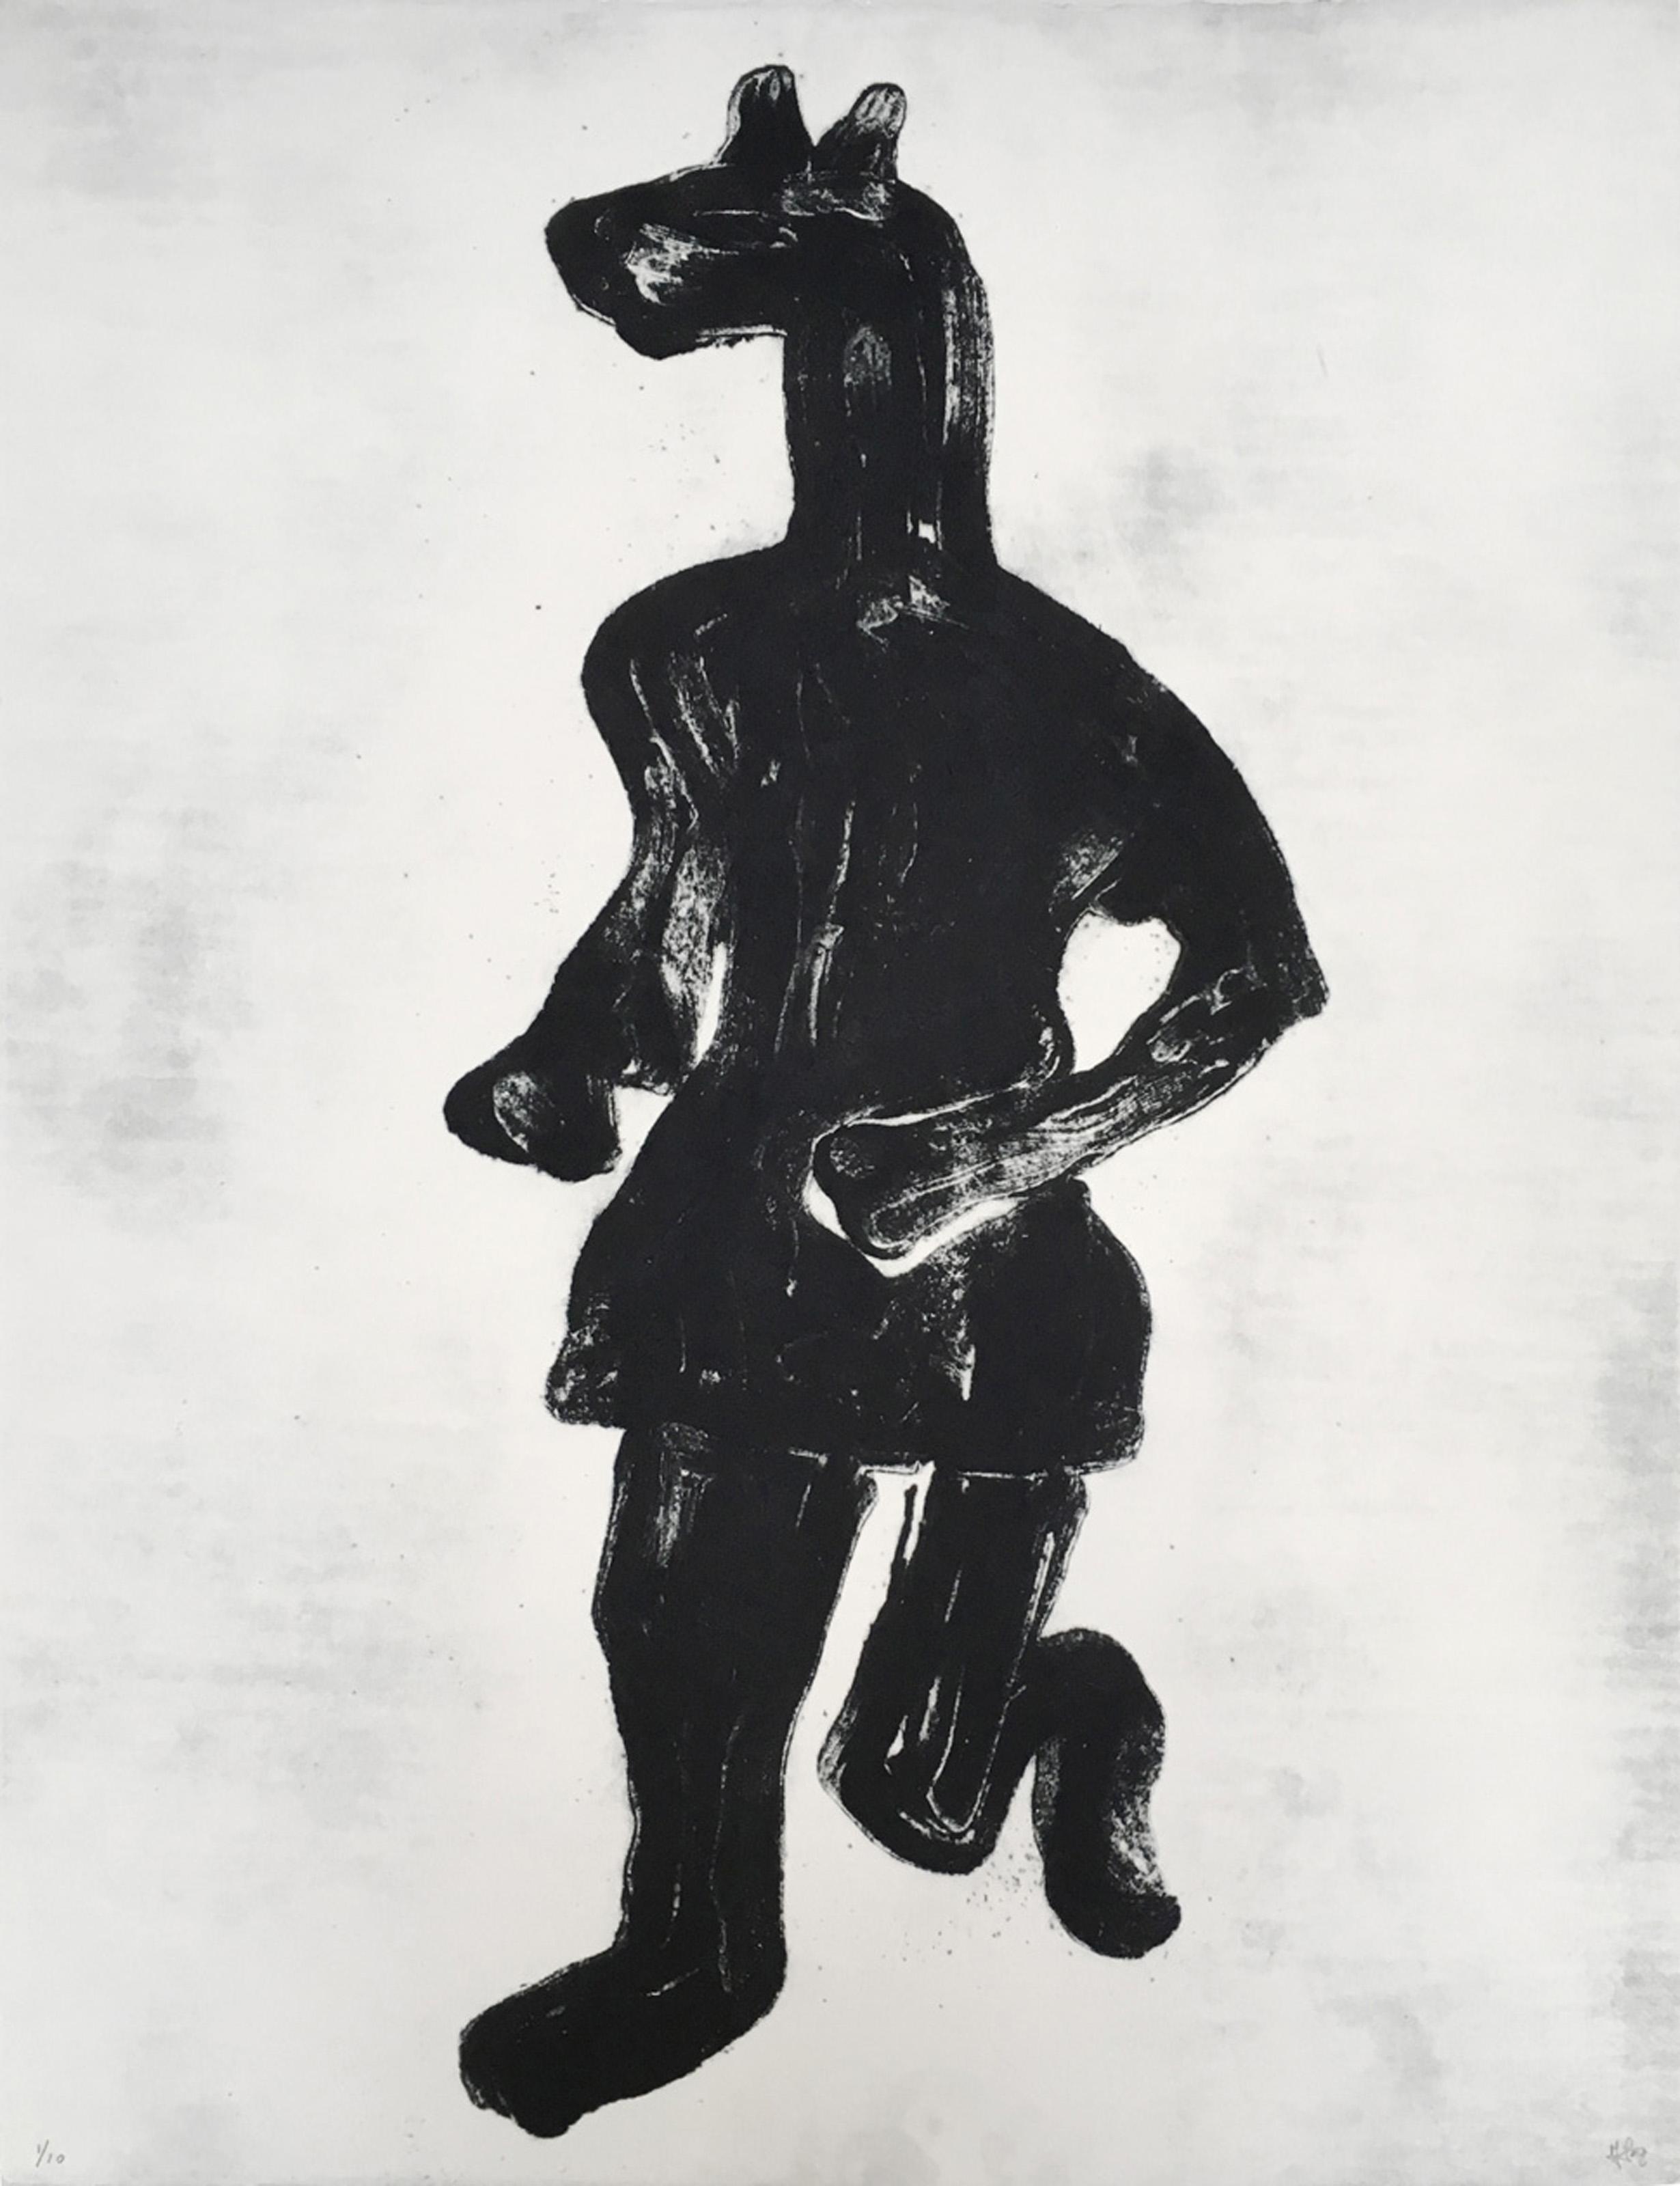 Grand Masquerade XII (Ed. 3 of 10), 2009, 20 x 26 in., Carborundum